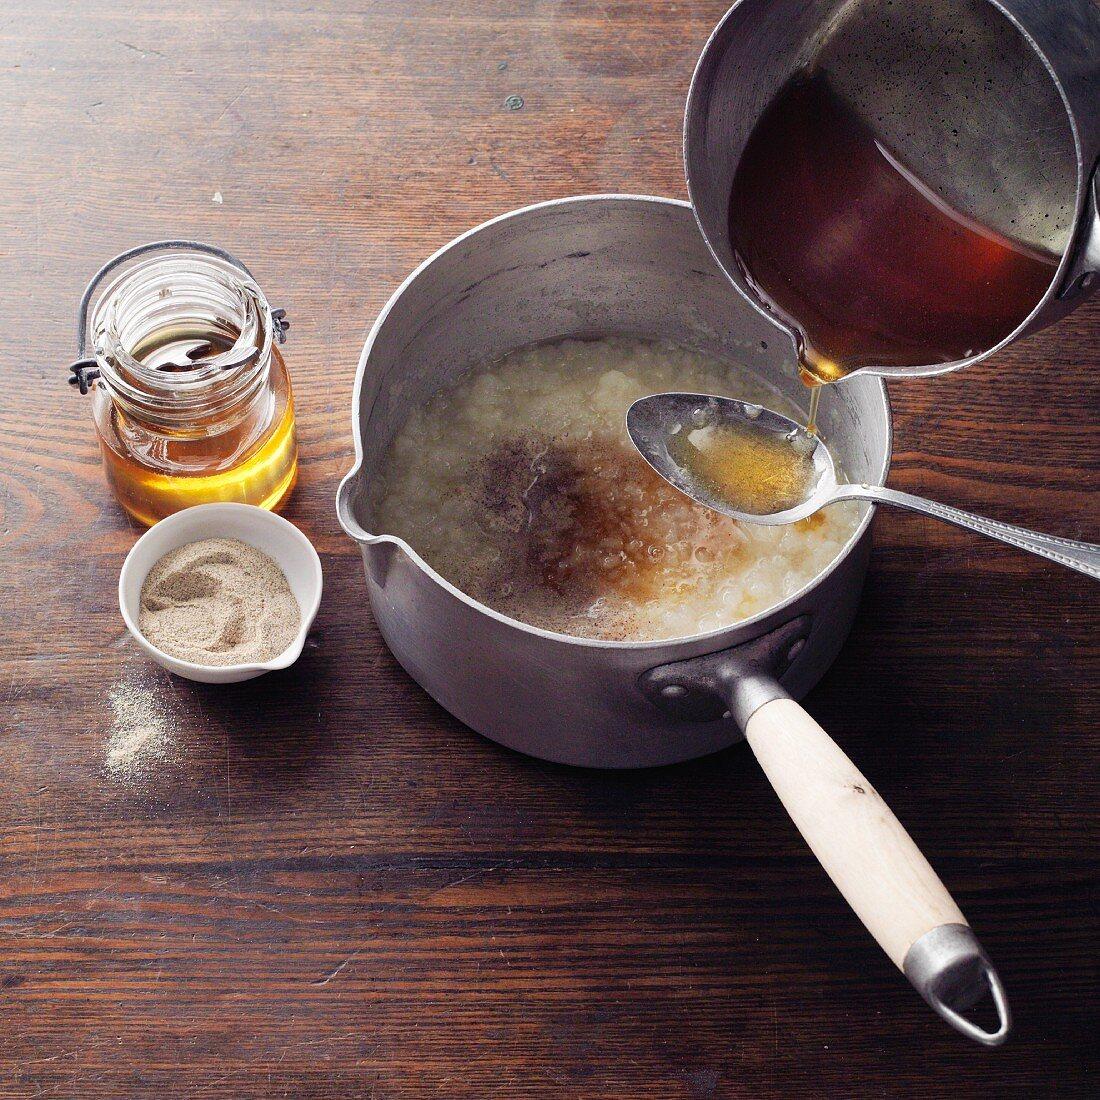 Baldmoney pear honey à la Hildegard von Bingen being made: honey being added to stewed pears